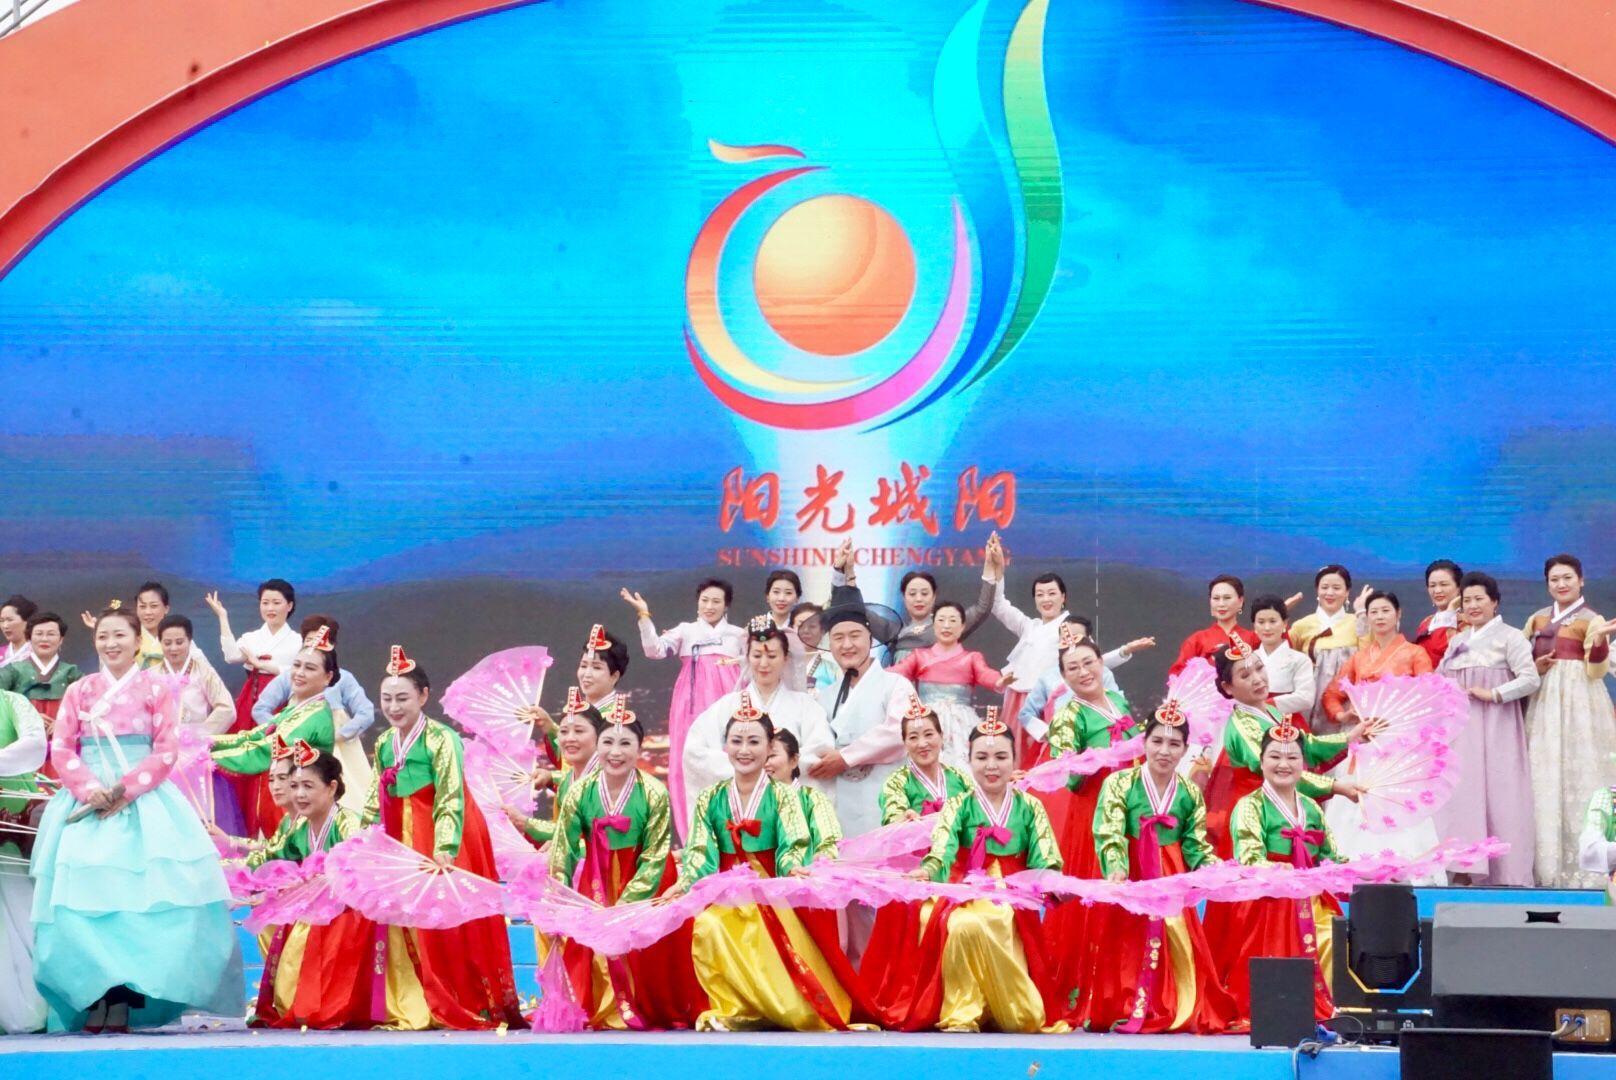 山东青岛供应城阳气球婚礼哪家专业 城阳哪里有... - 中国供应商